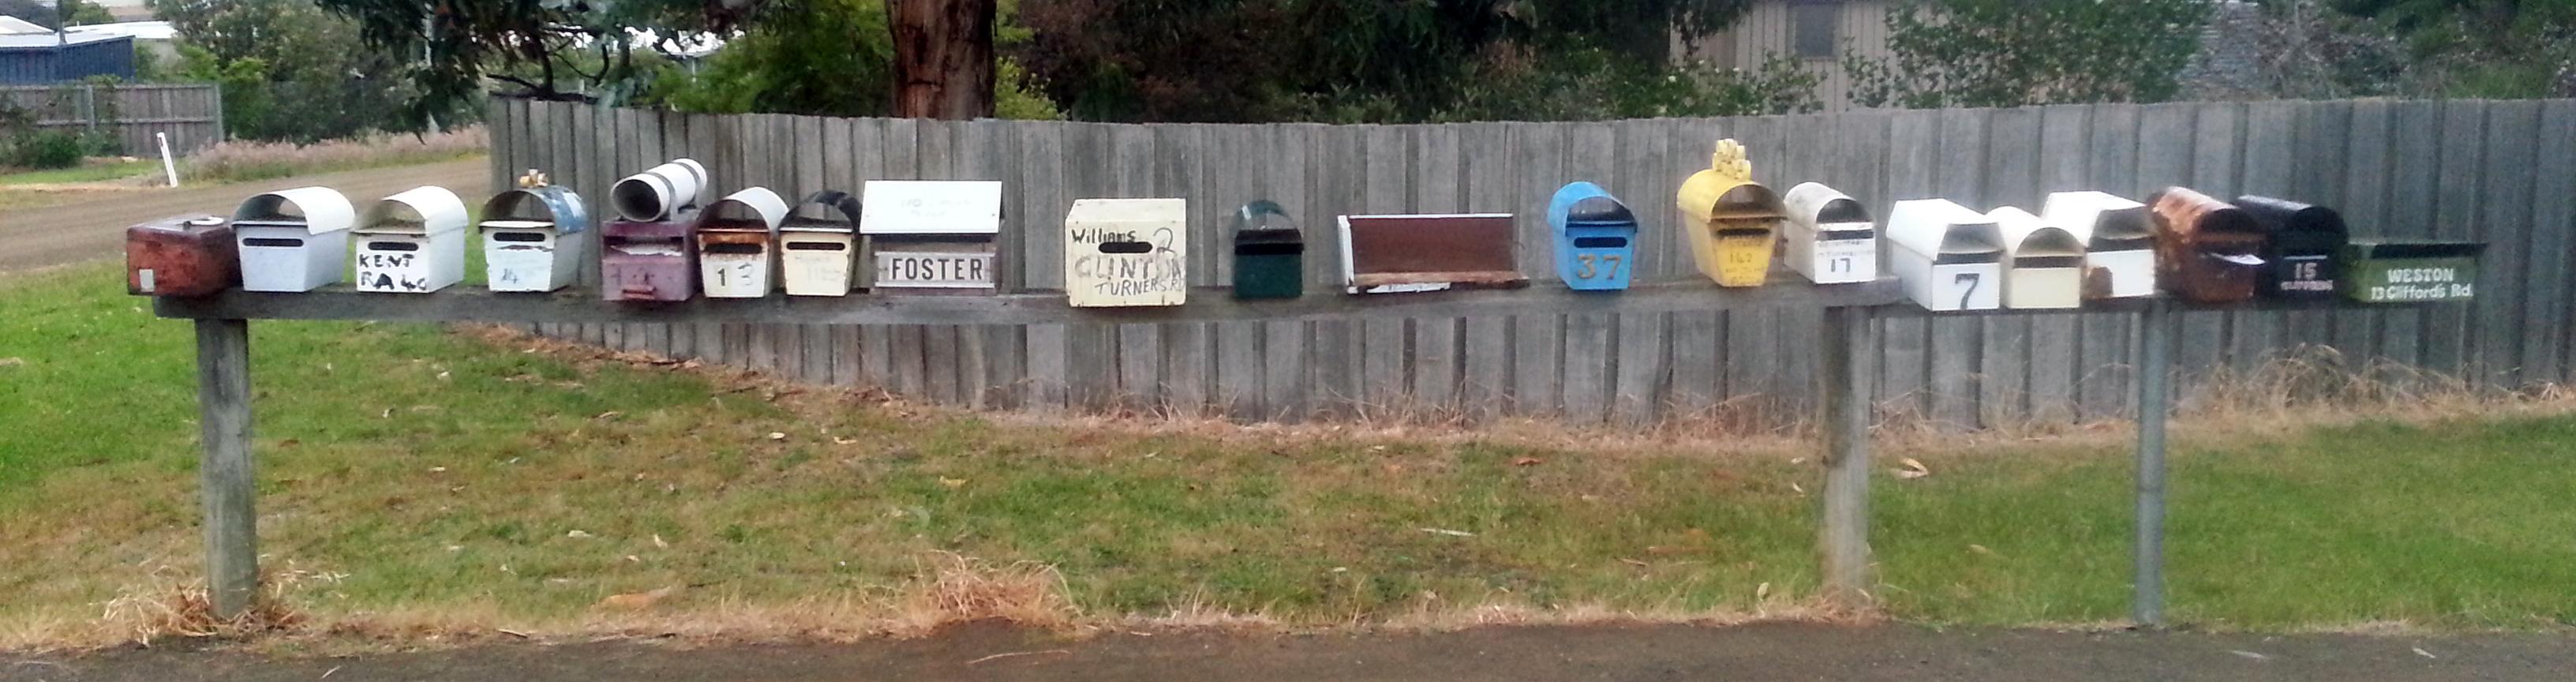 Tasmania - locals letterboxes